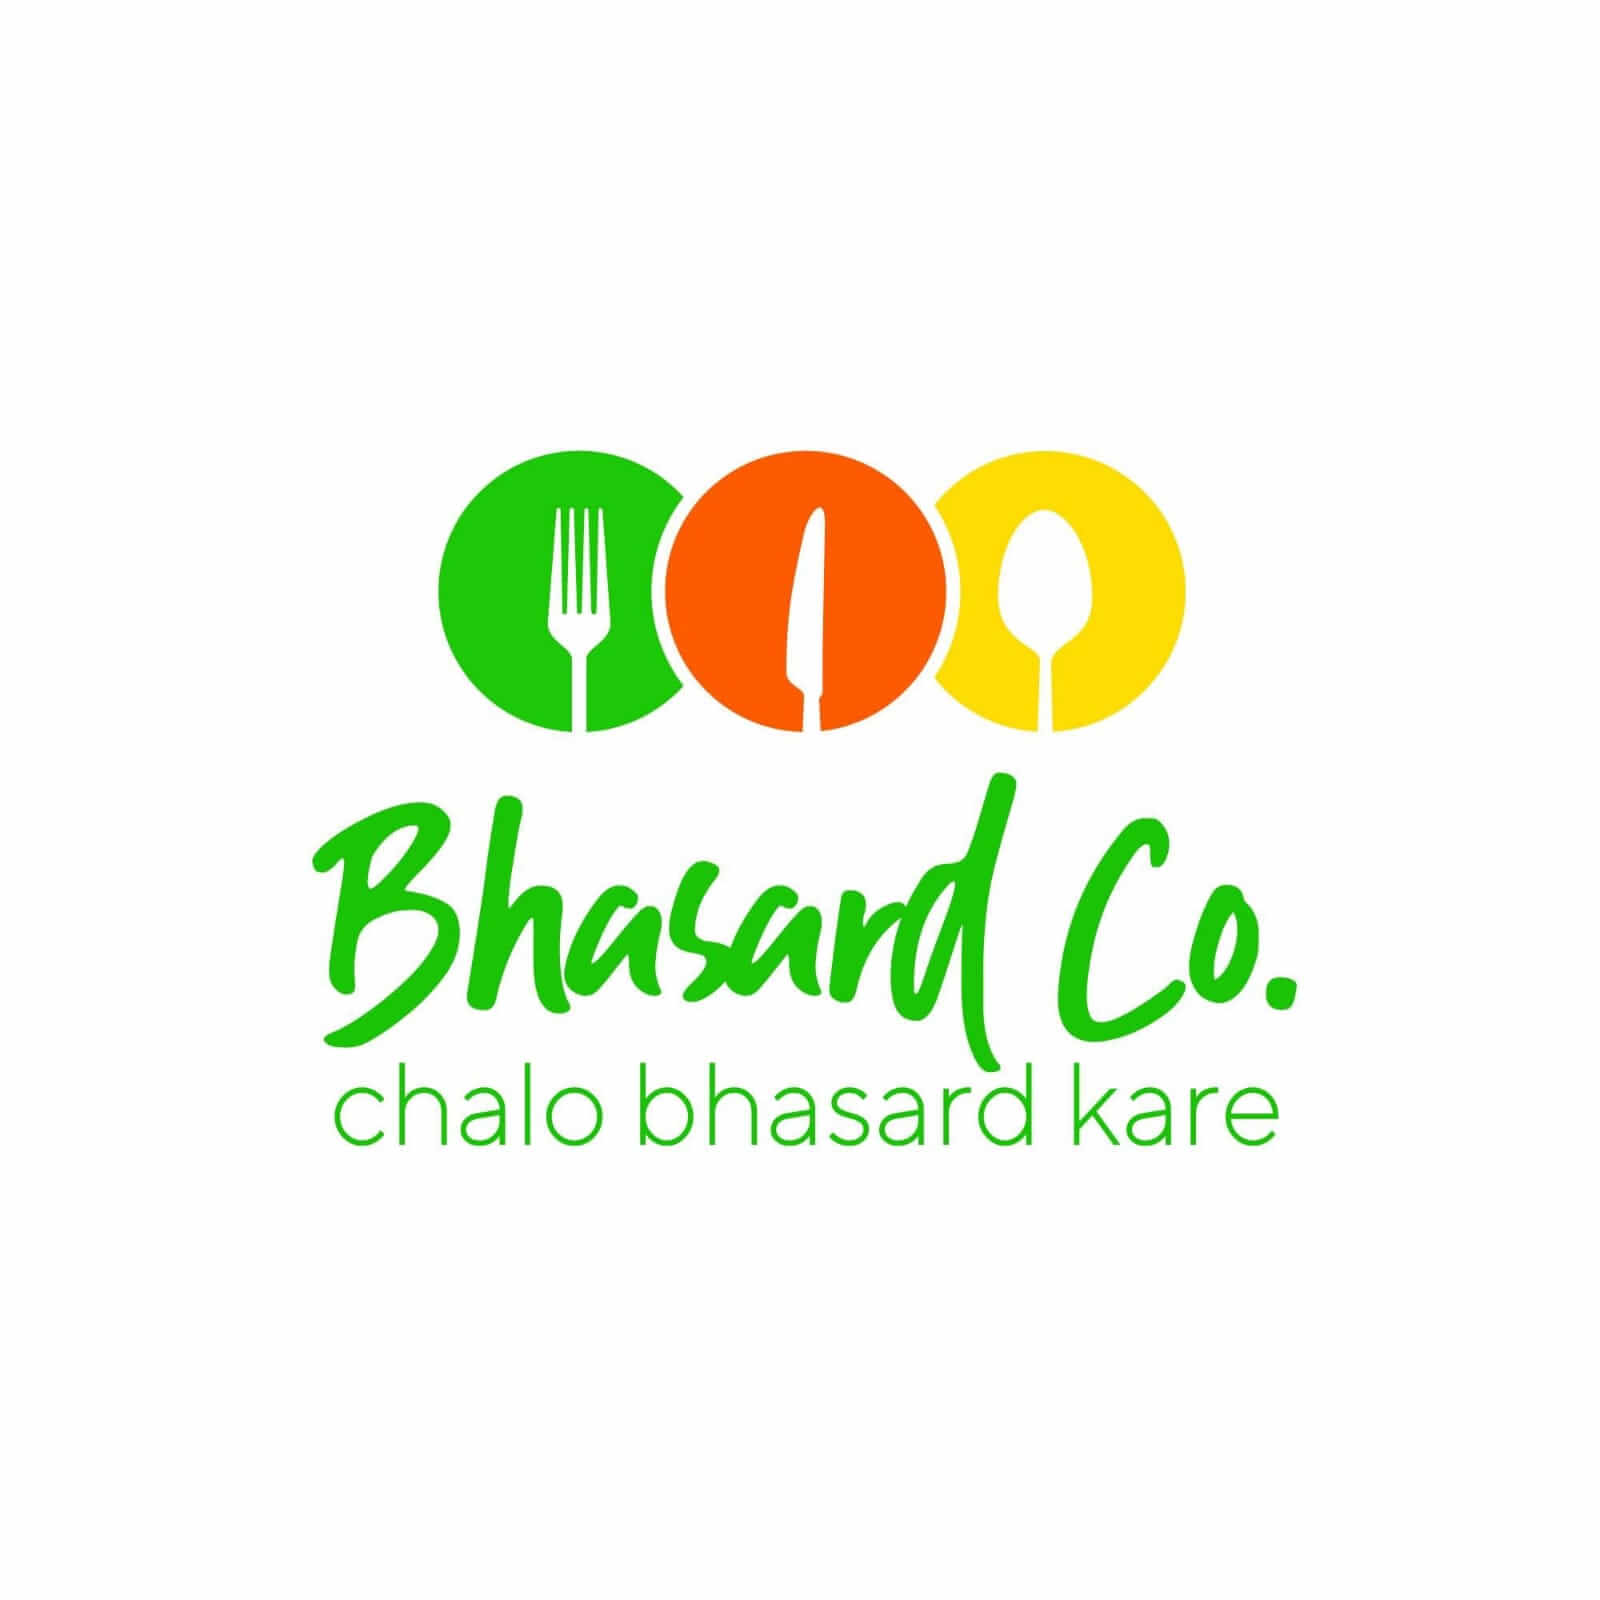 Bhasard Co.